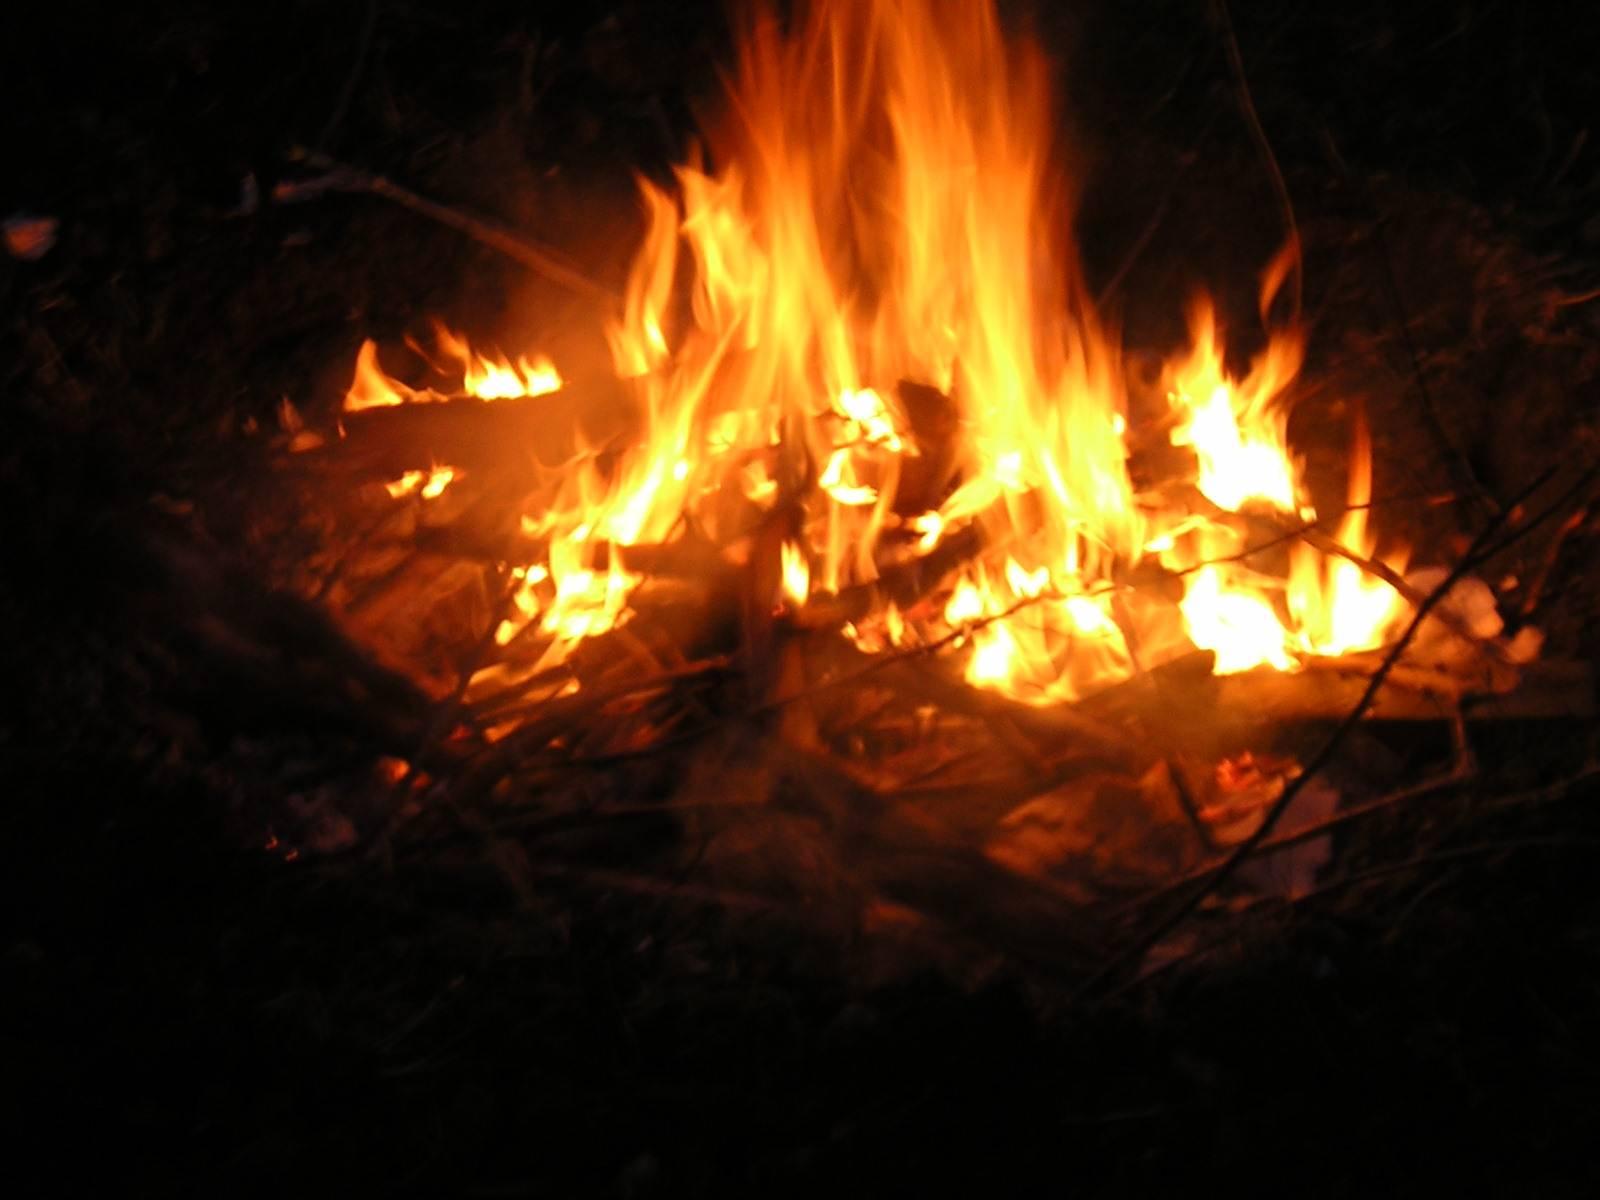 Oczym śpiewa ogień?